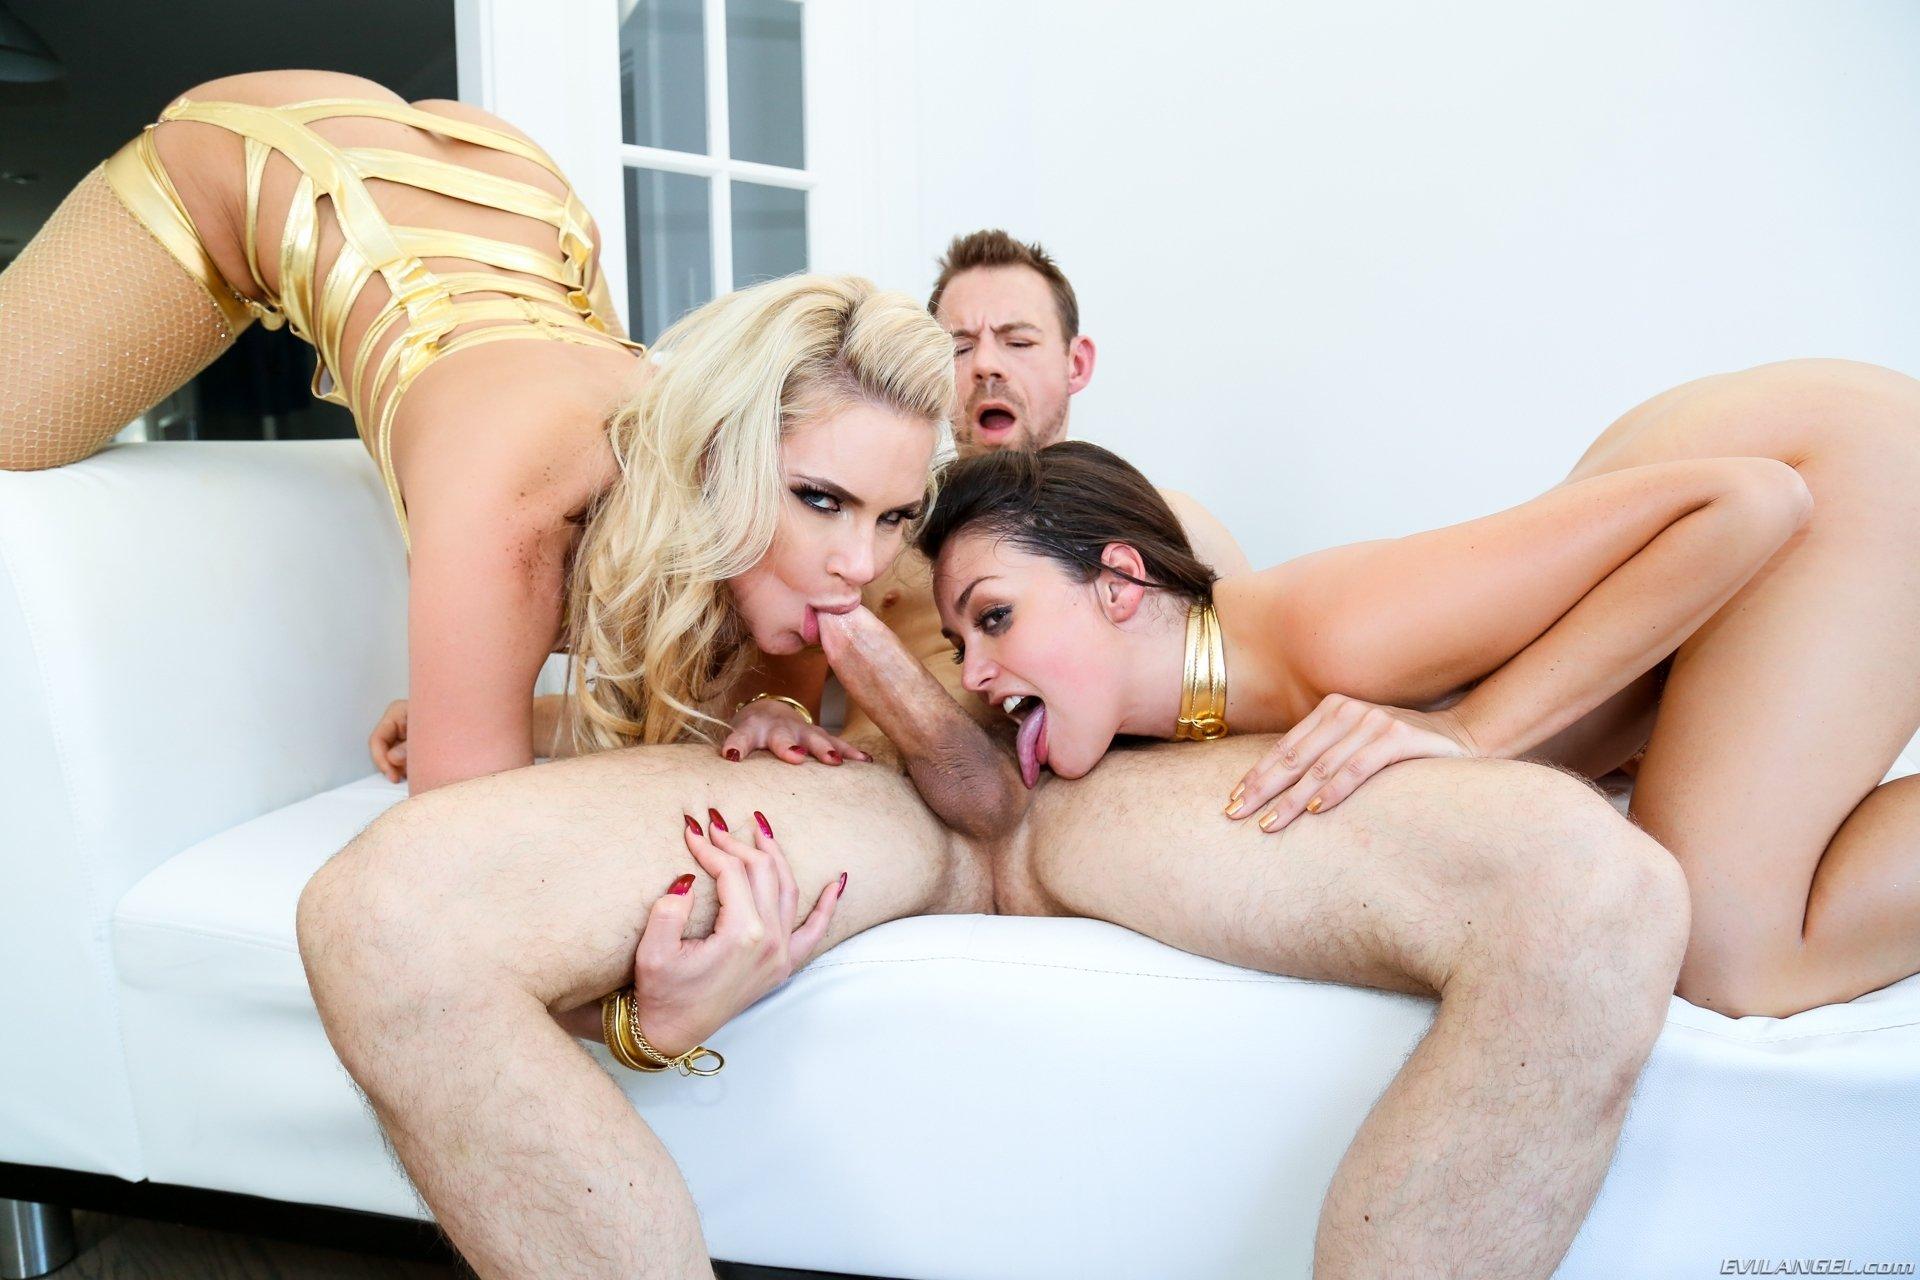 Дырка - Порно фото галерея 1056265